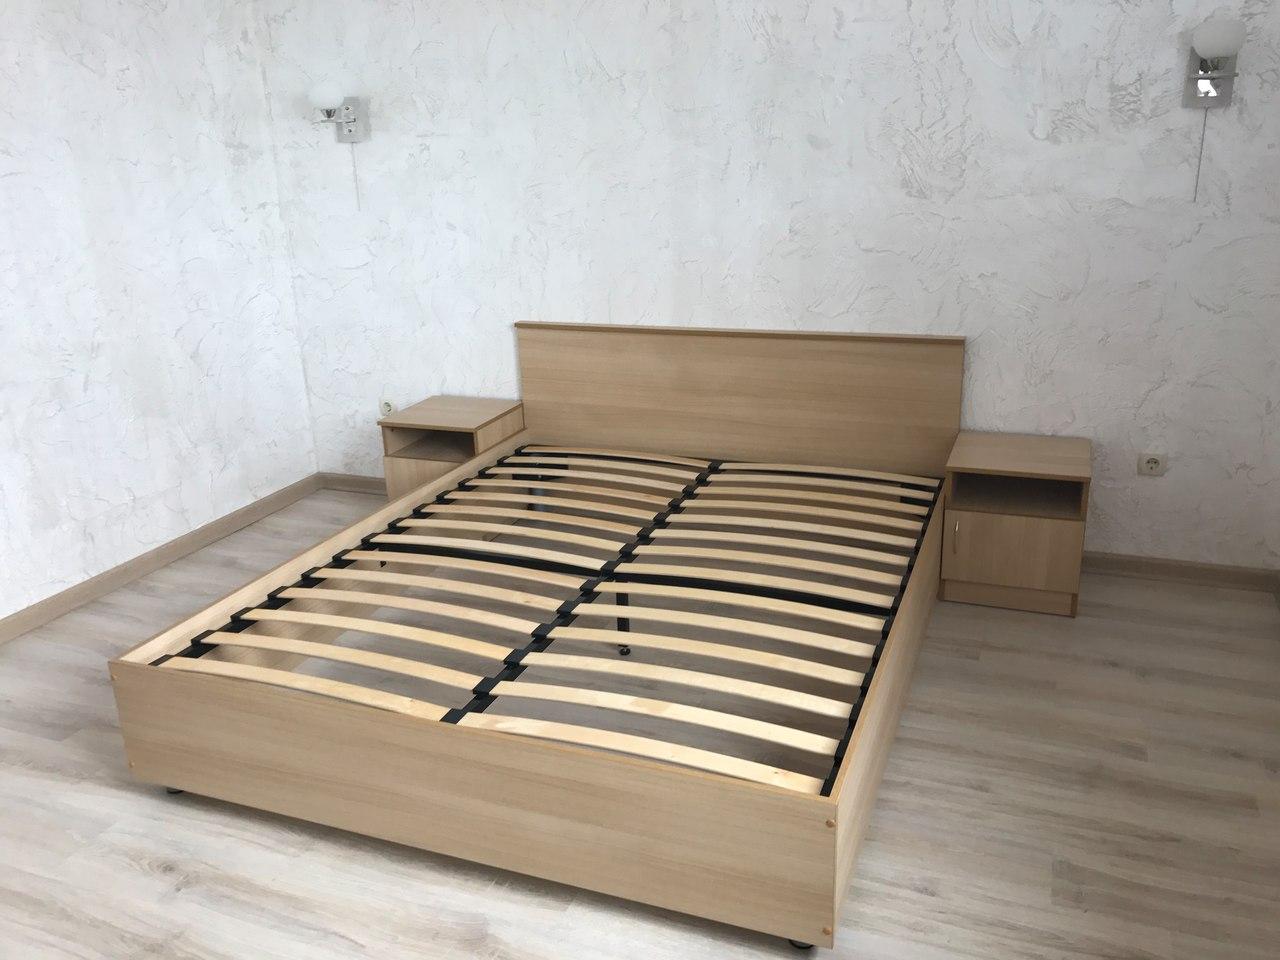 Мебель для одноместного гостничного номера эконом-класса.